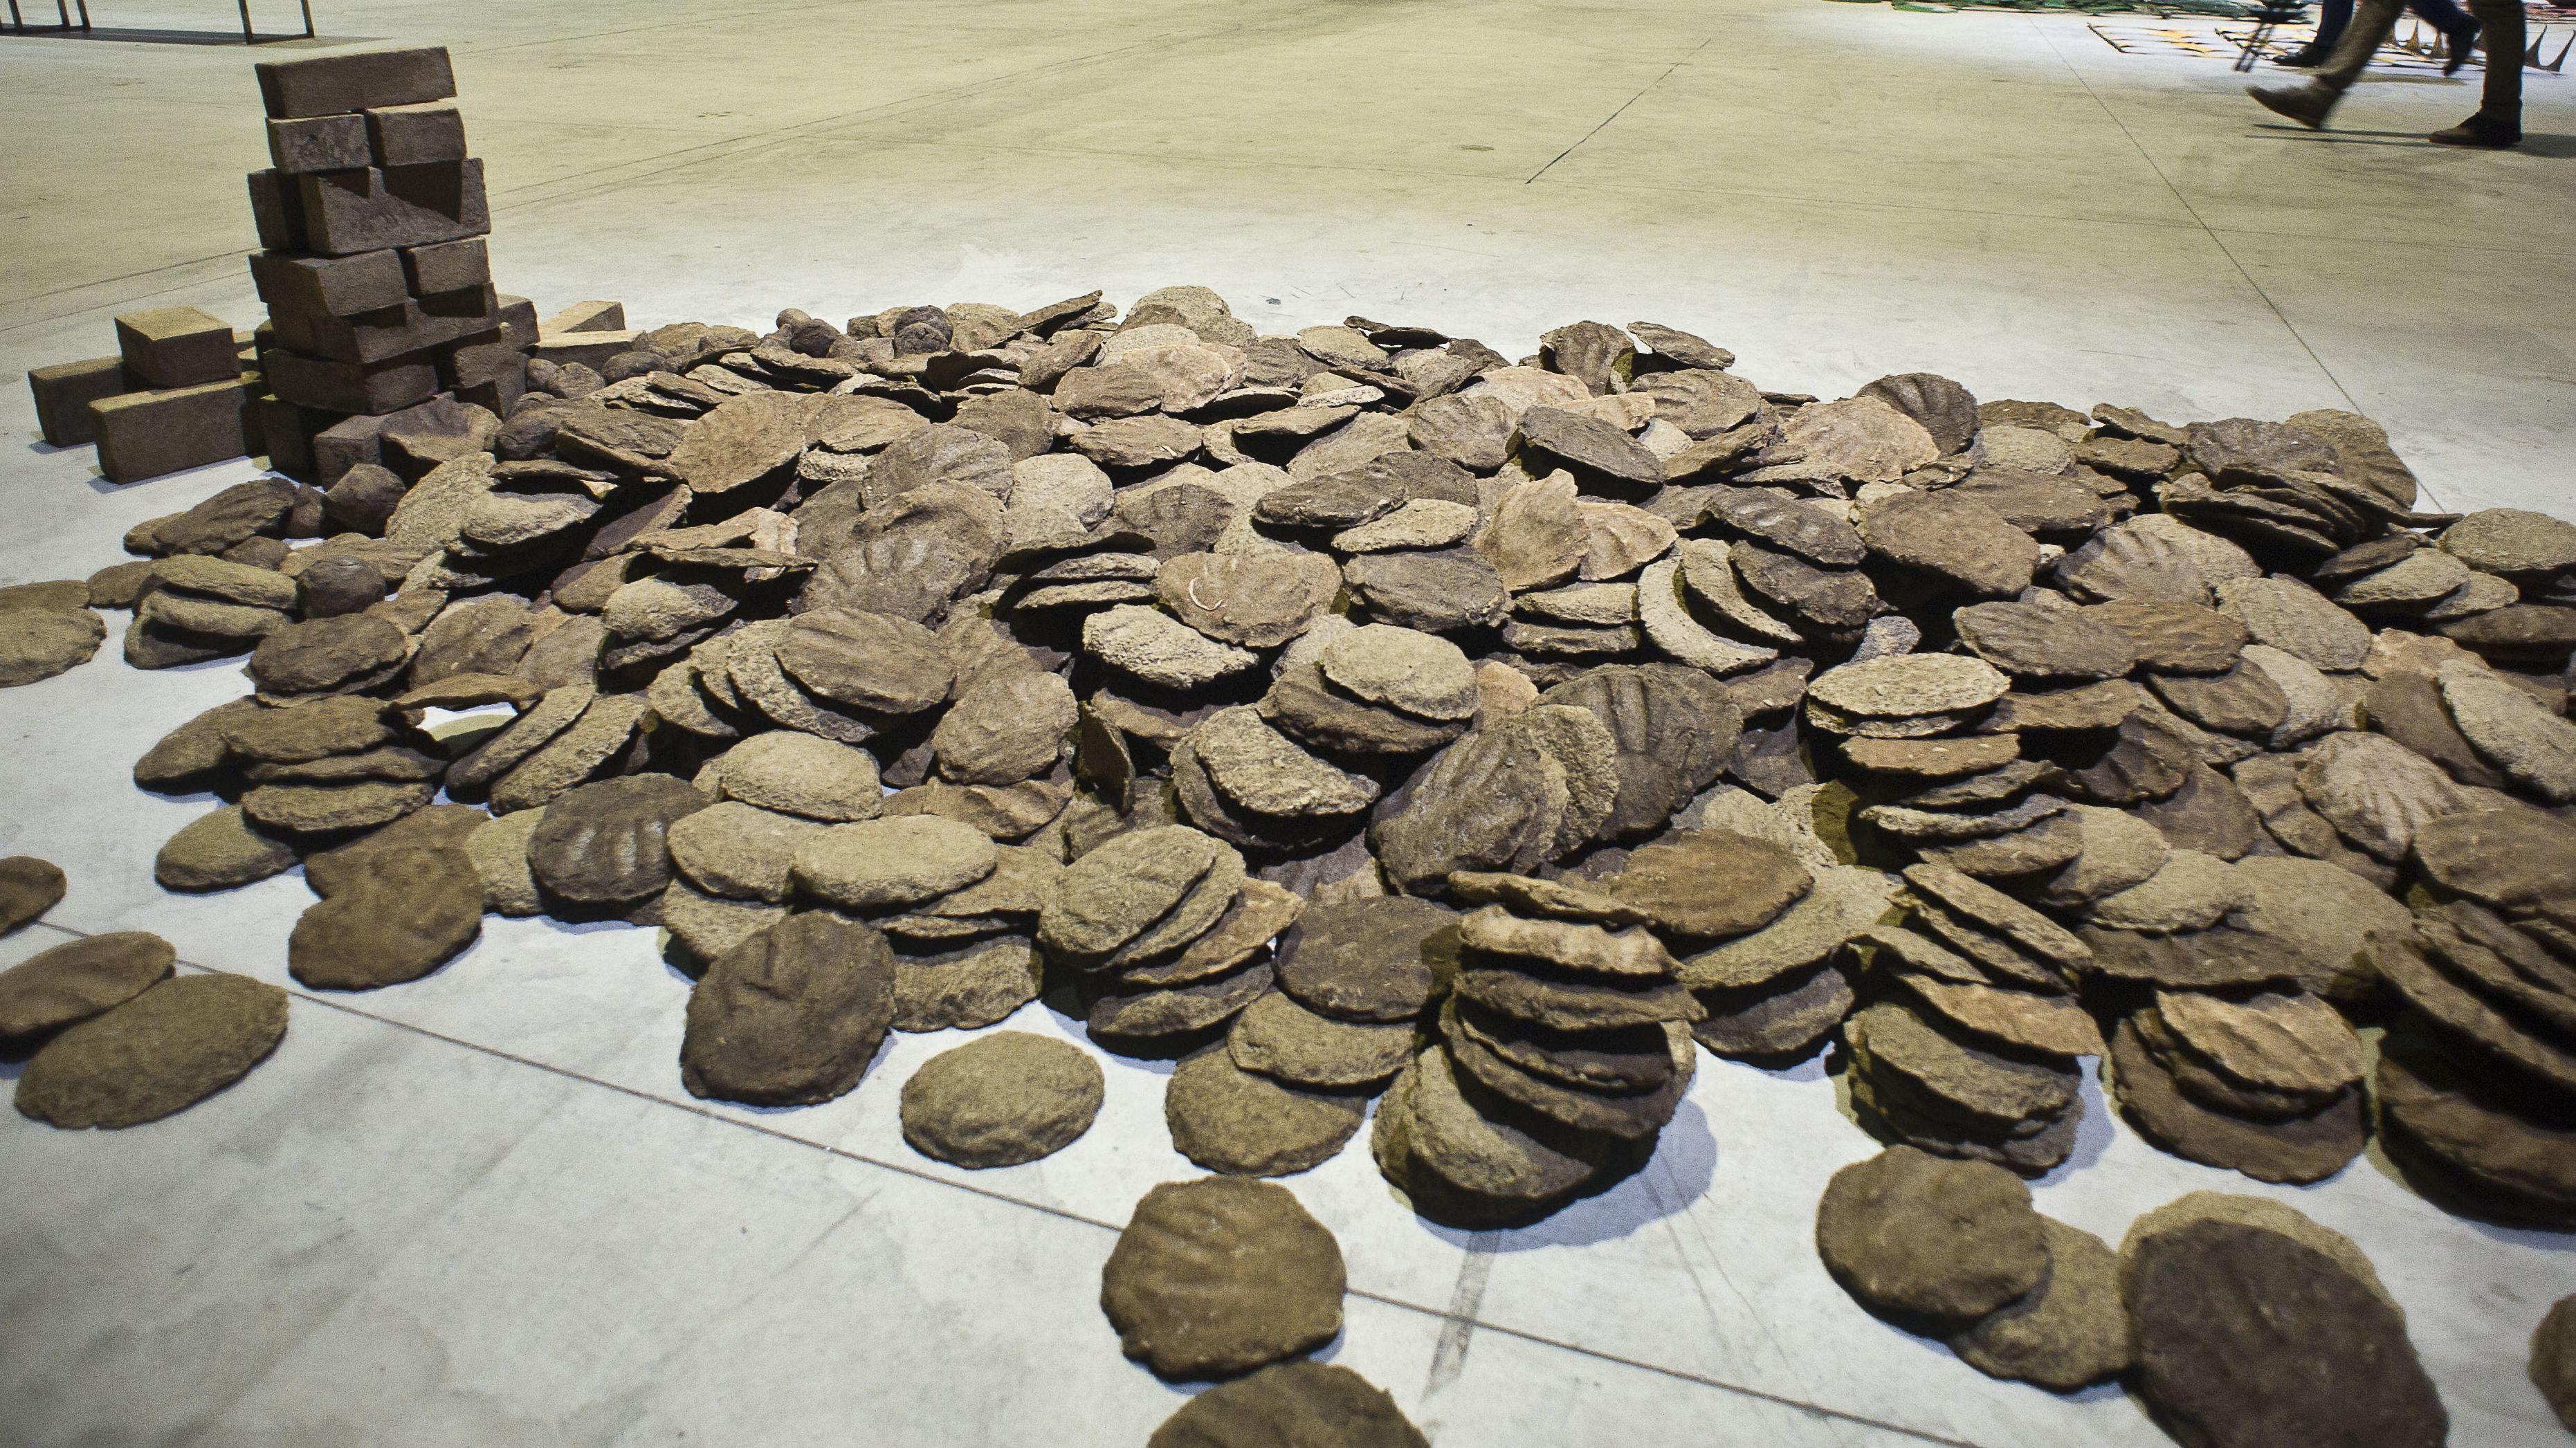 """Das aus Kuhdung hergestellte Werk """"Untitled"""", zu sehen in der Ausstellung """"Remains"""" im Hangar Bicocca in Mailand"""